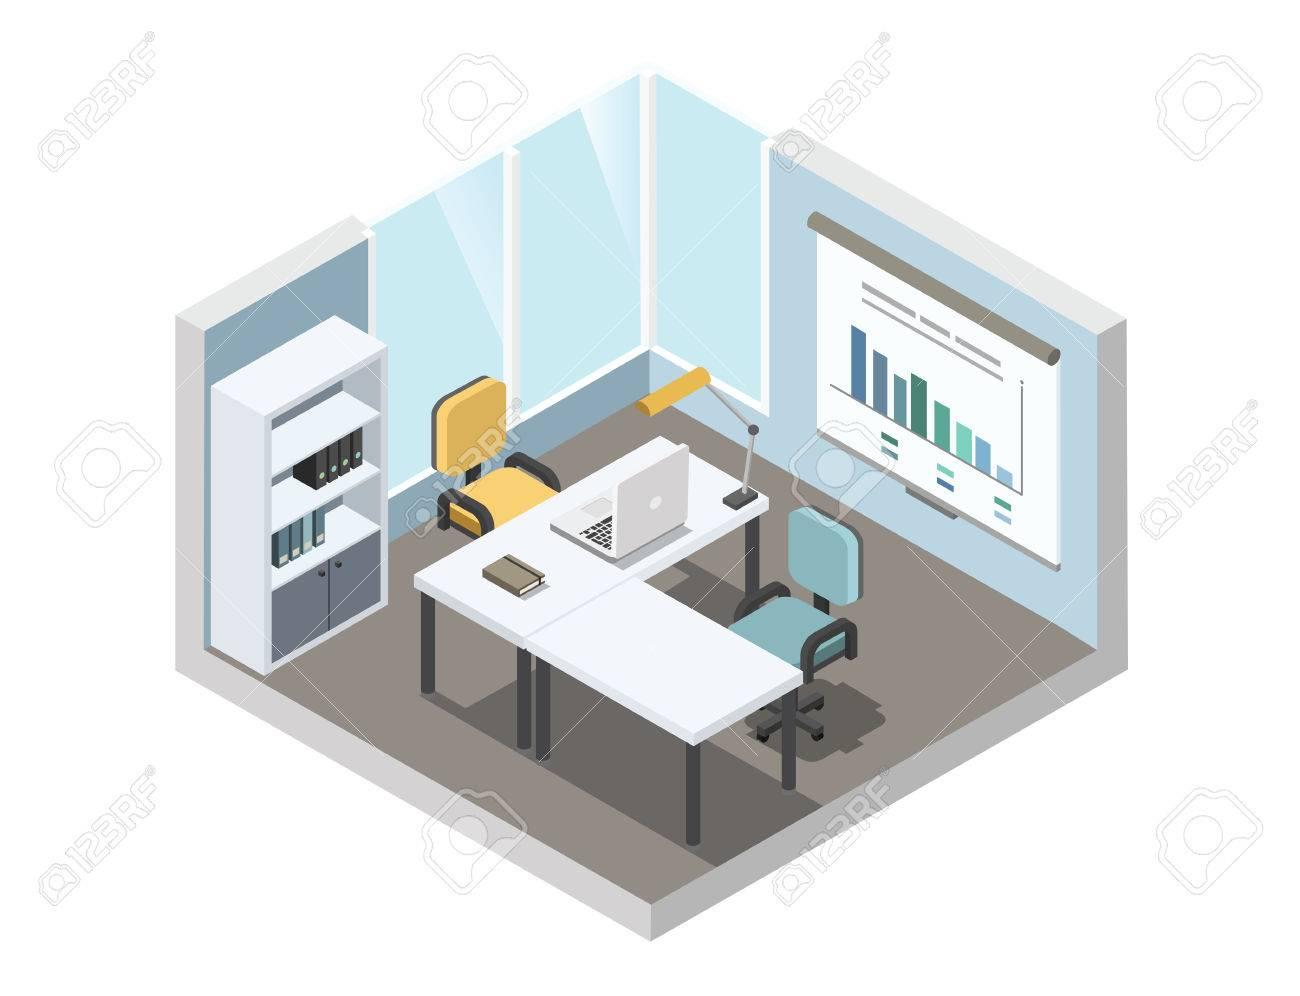 Vektor Isometrische Darstellung Der Büro-Arbeitsplatz, 3d Flachen ...